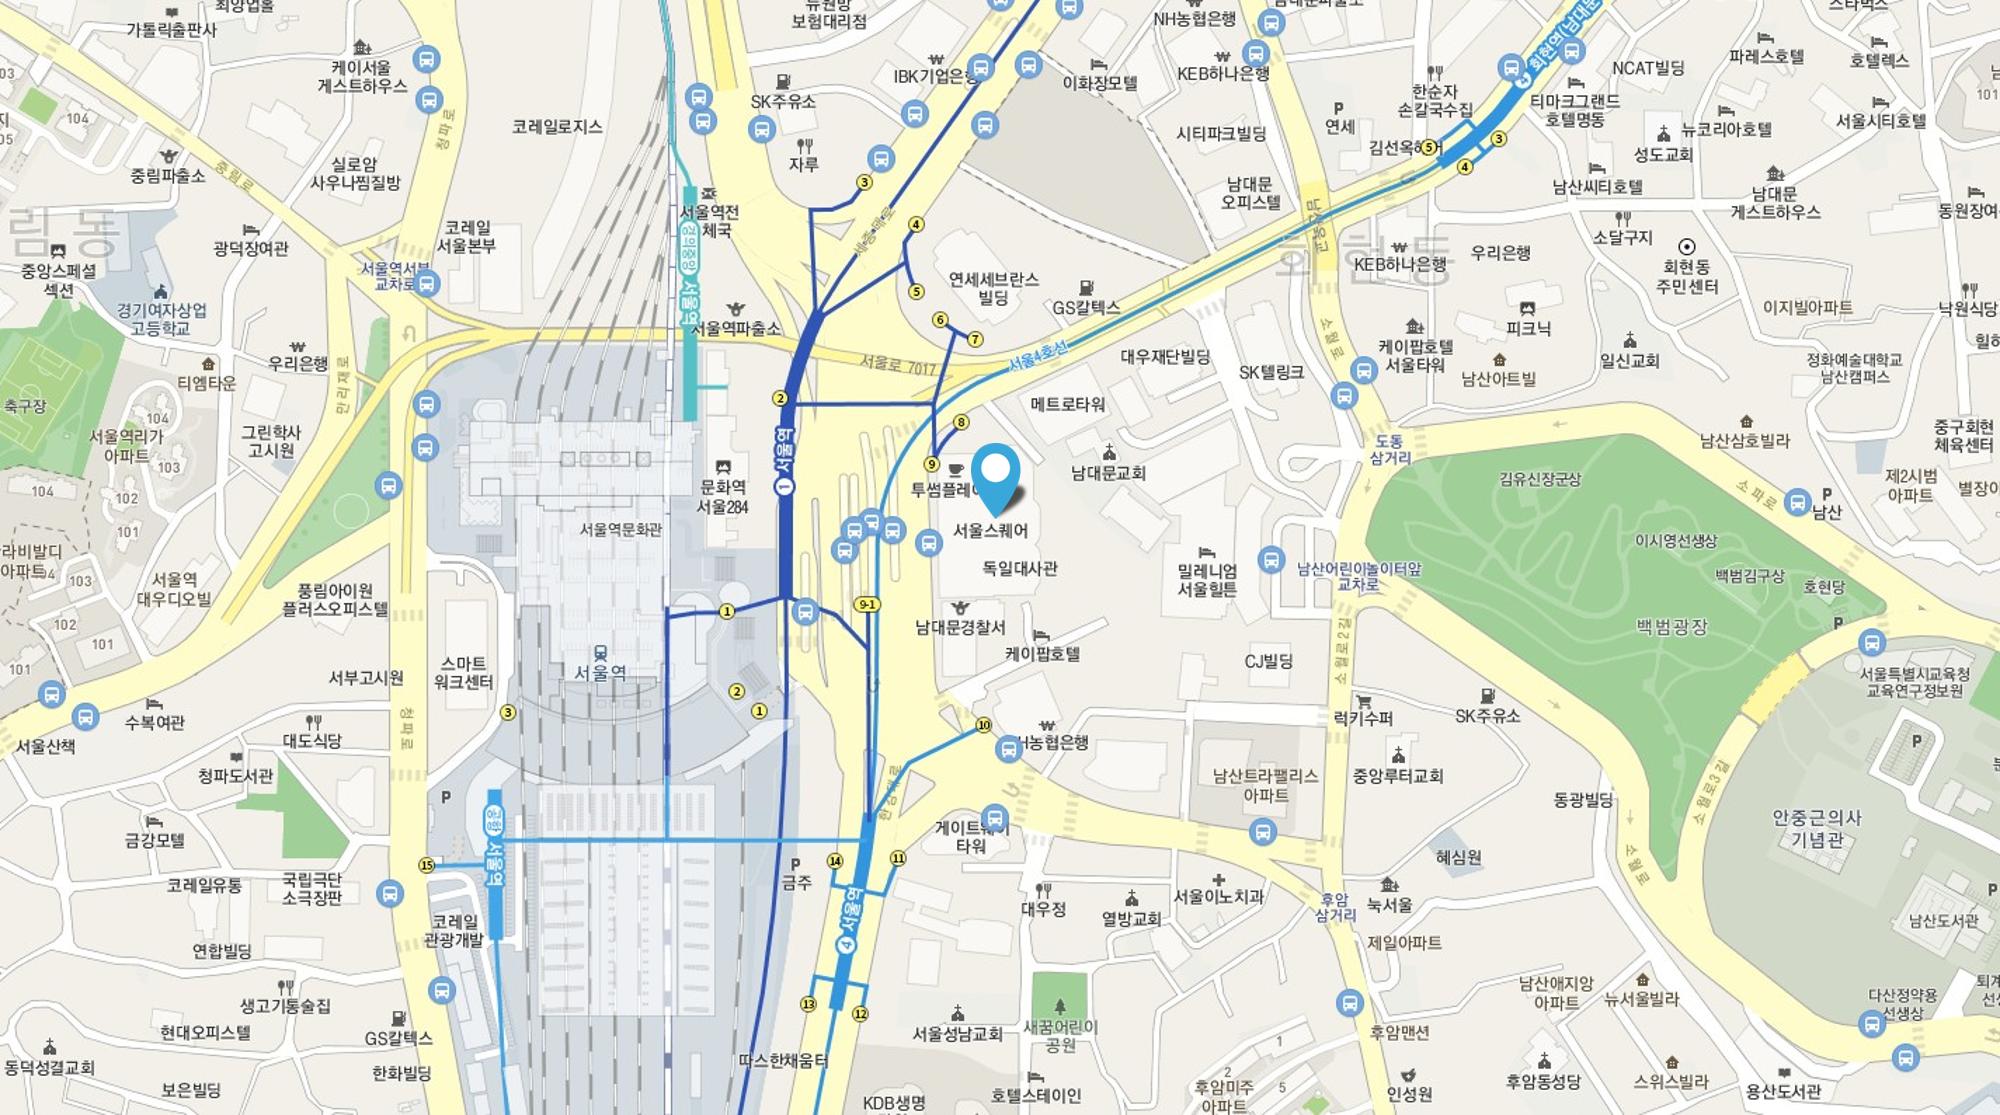 서울역wework위치